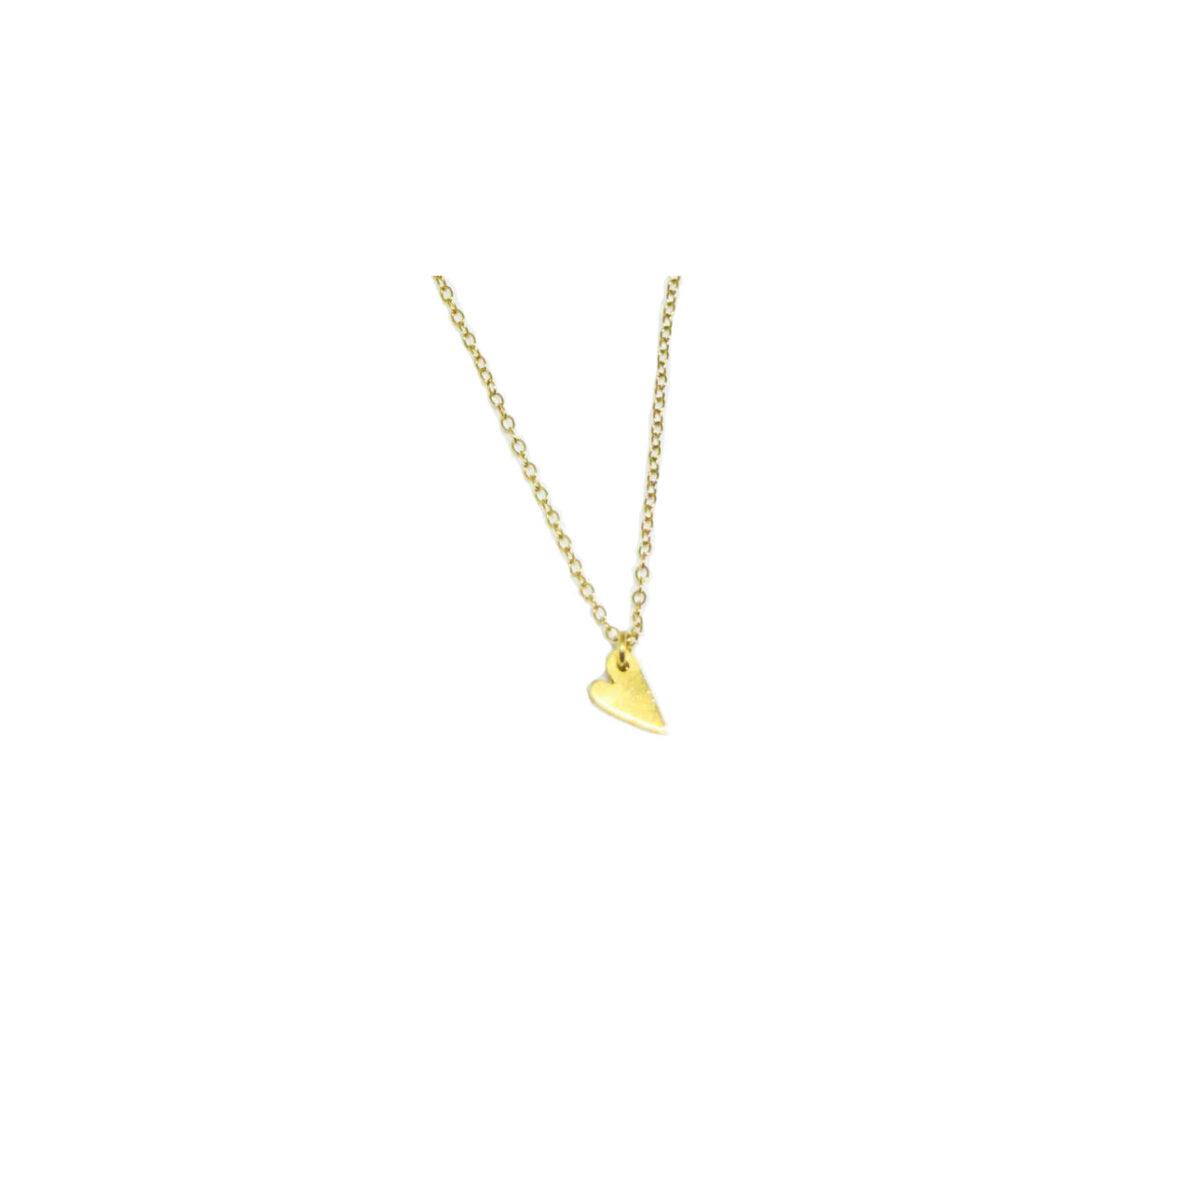 Αγάπη II gold plated necklace